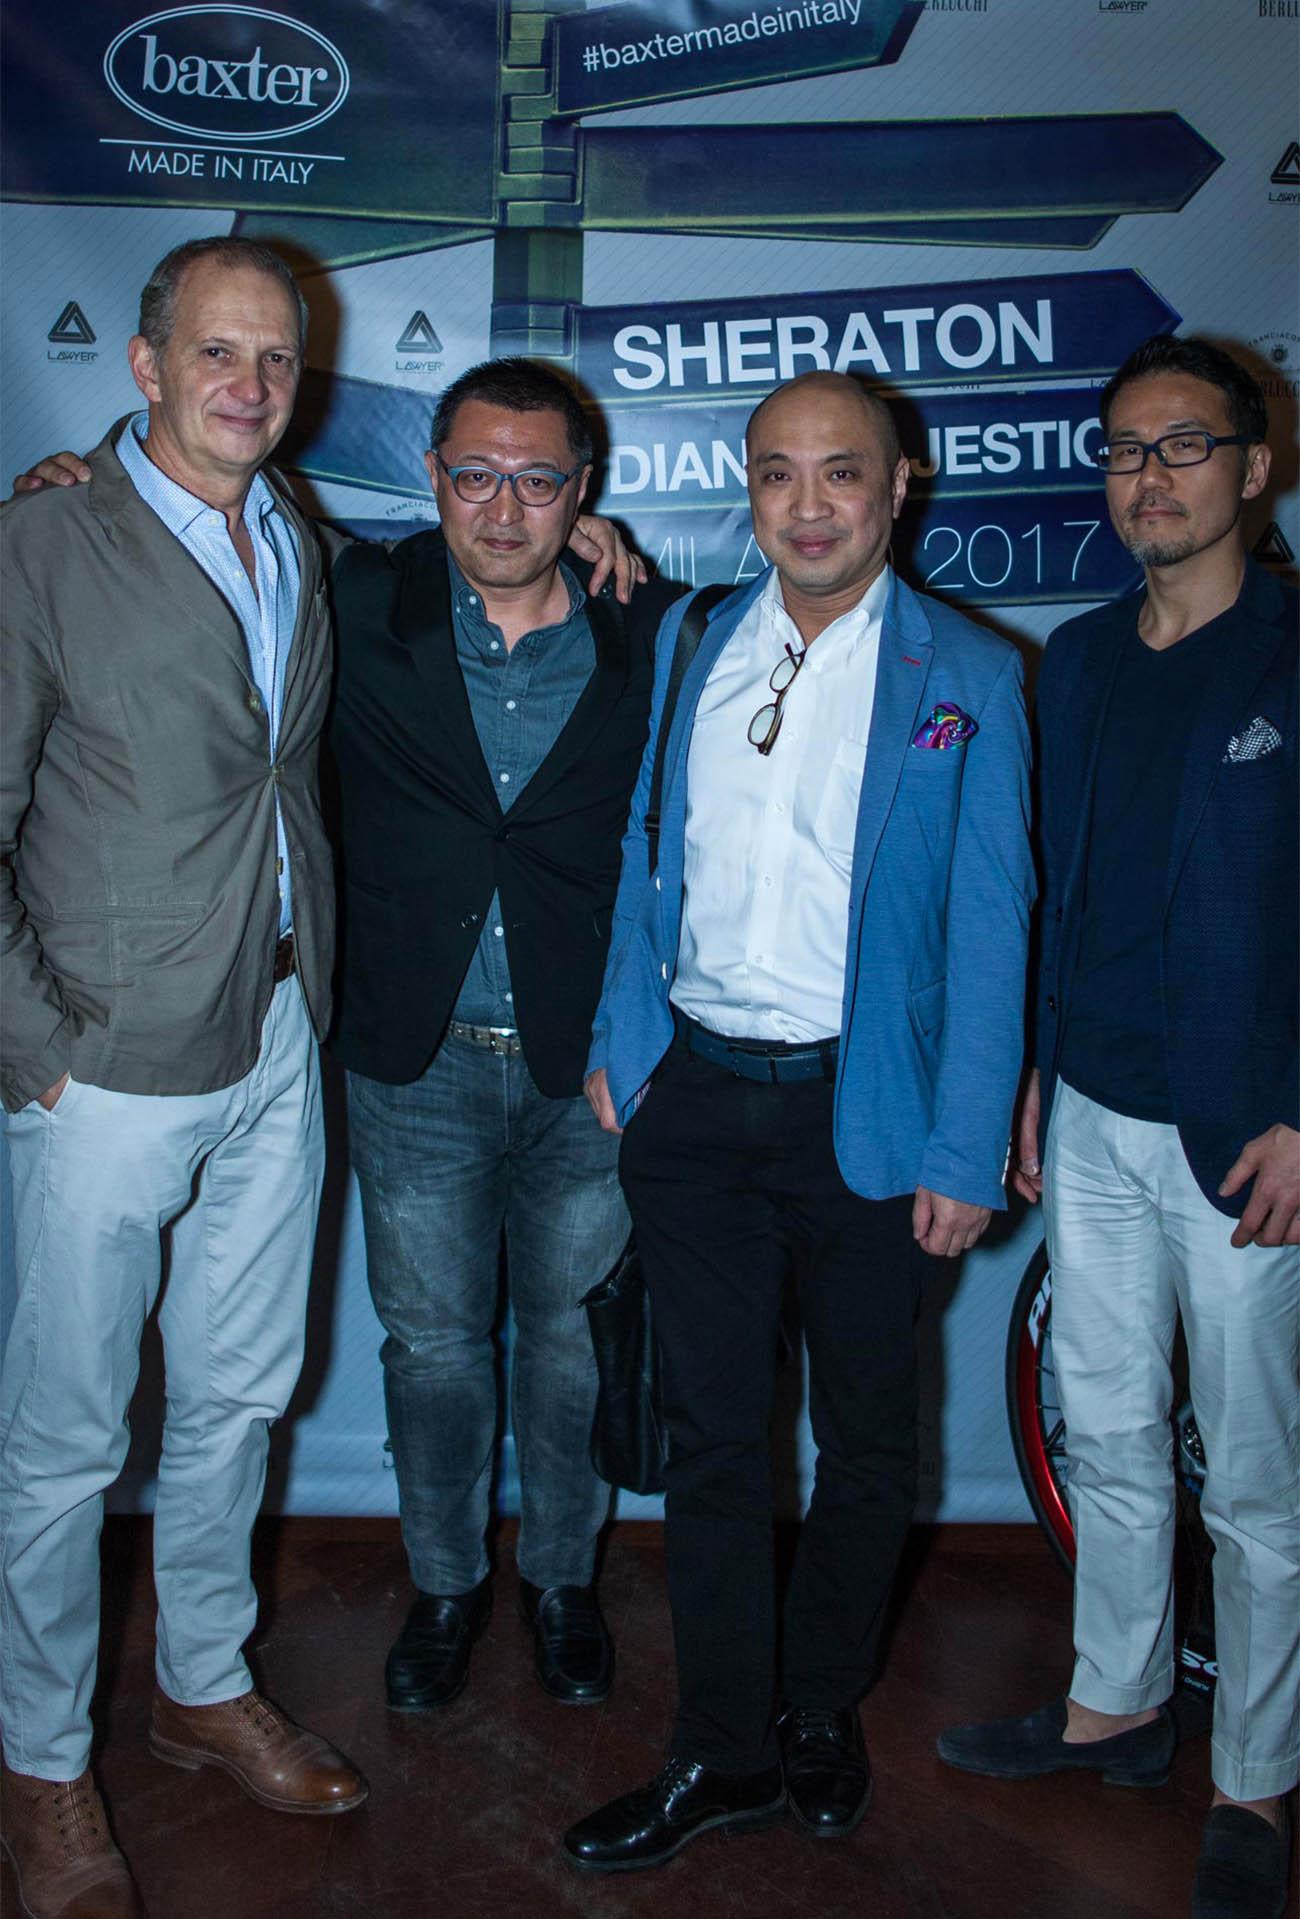 BAXTER PARTY SHERATON DIANA MAJESTIC FUORISALONE 2017 | Baxter